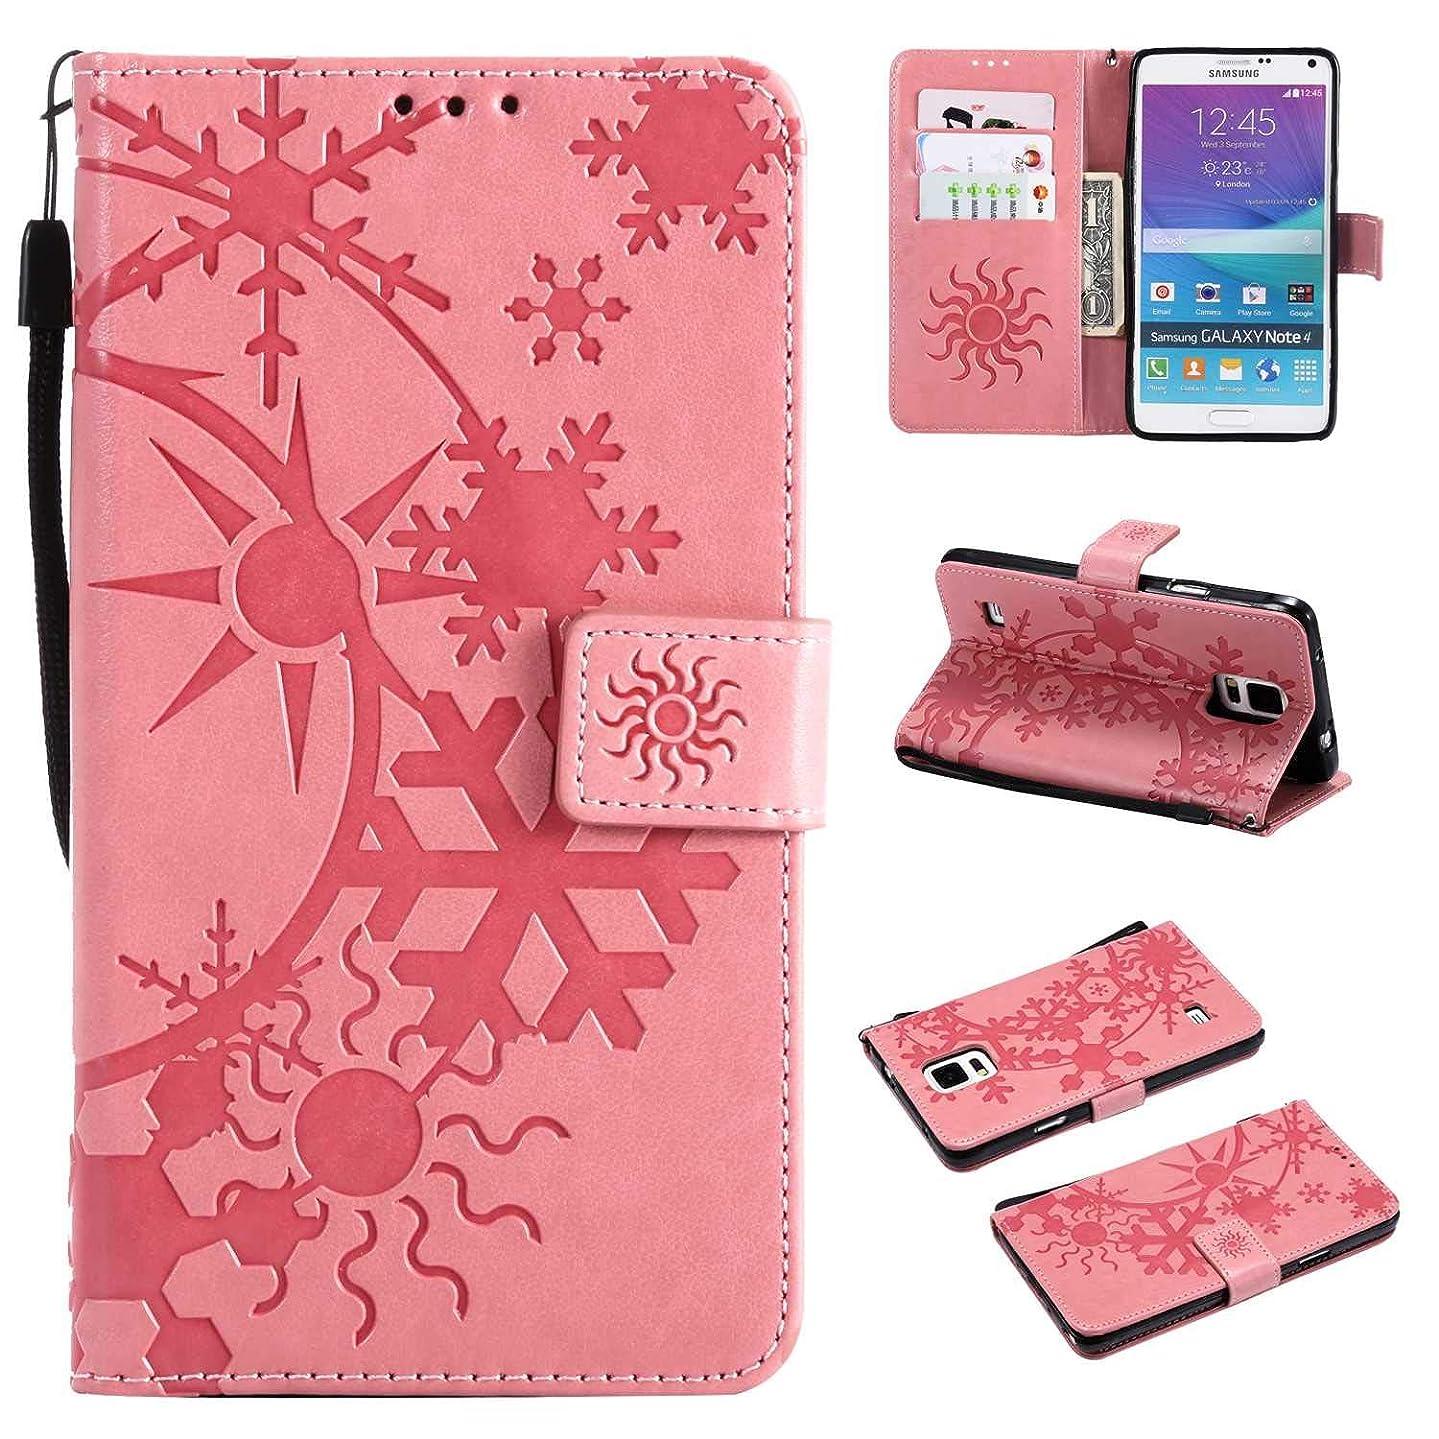 星うまれたトライアスロンGalaxy Note 4 ケース CUSKING 手帳型 ケース ストラップ付き かわいい 財布 カバー カードポケット付き Samsung ギャラクシー Note 4 マジックアレイ ケース - ピンク